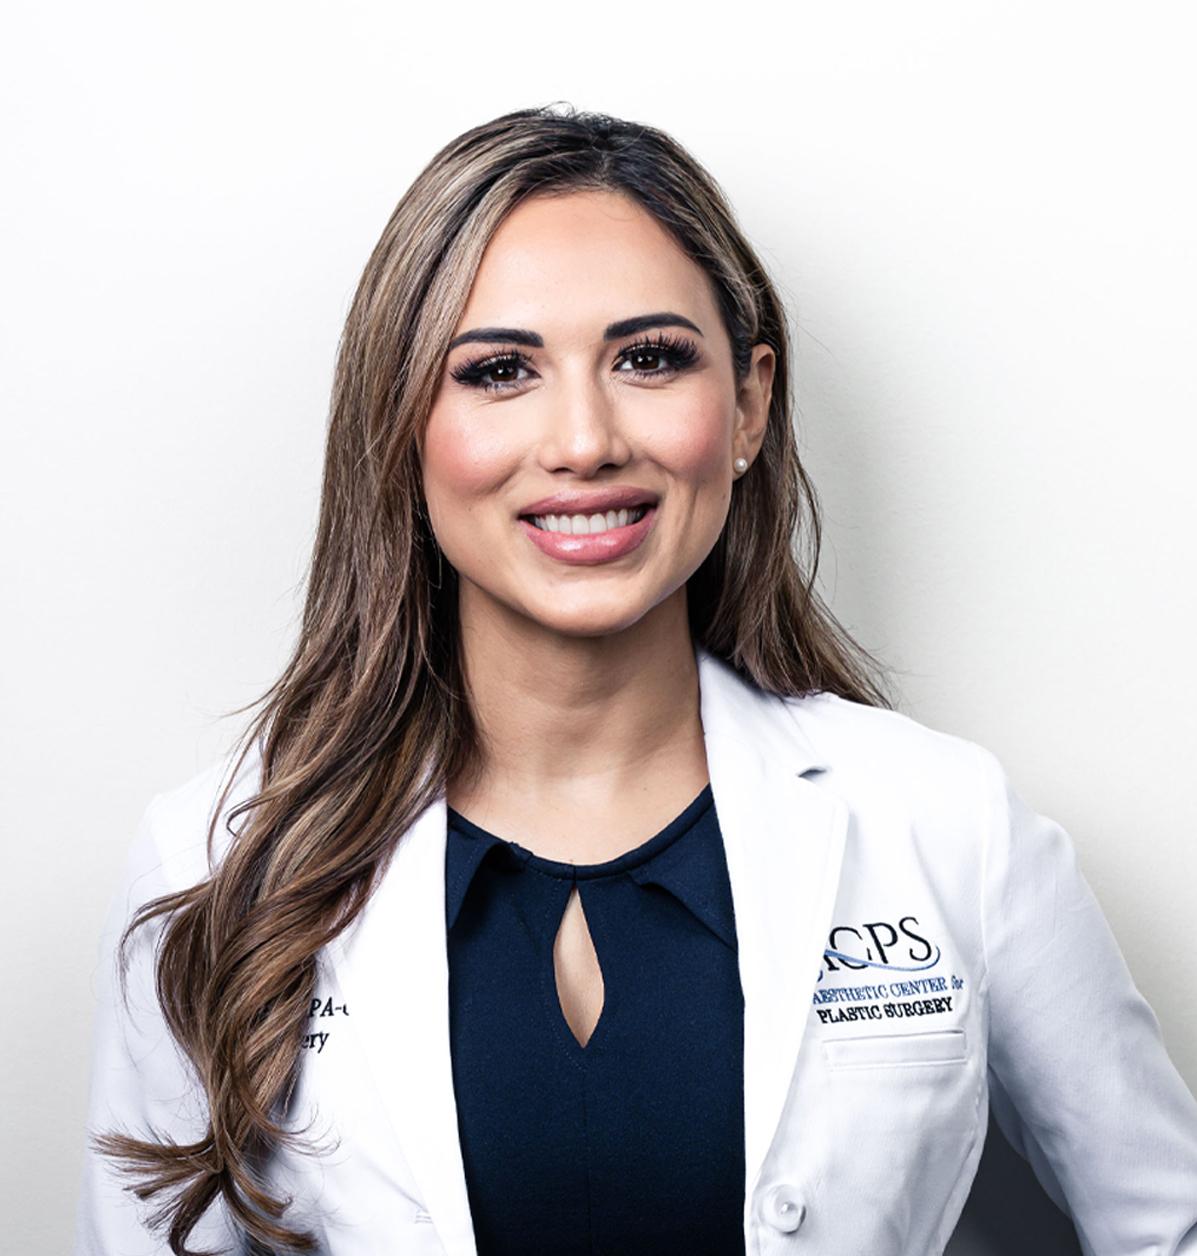 Nadia Hafeez, PA-C